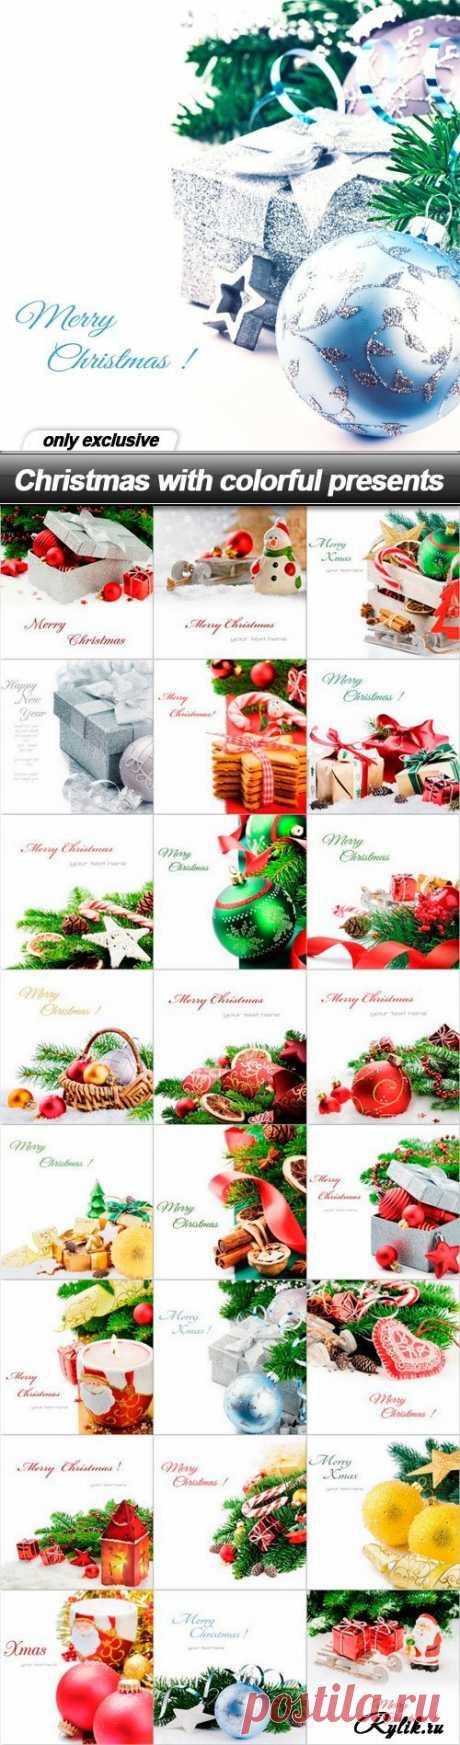 Rylik.ru - сайт графики и дизайна. Скачать клипарт, футажи, журналы, программы, скрап-наборы, уроки, все для фотошопа, рамки для фотографий